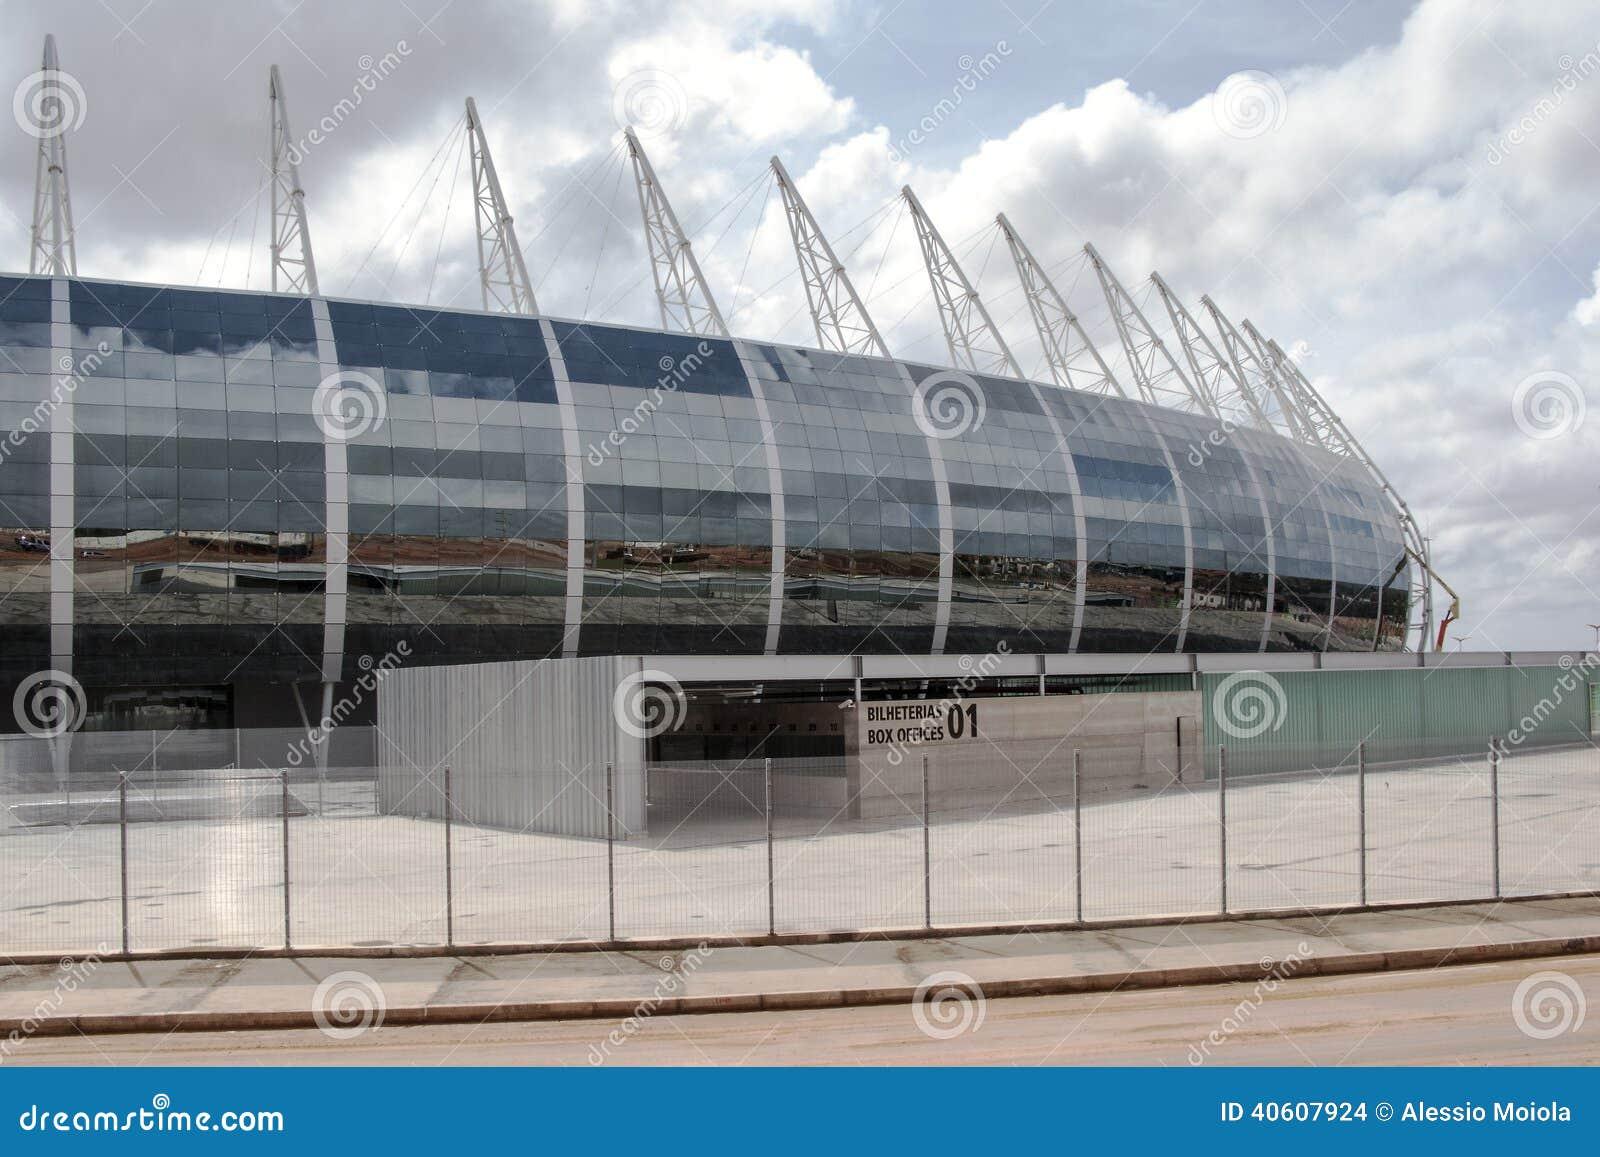 Το γήπεδο ποδοσφαίρου του Φορταλέζα, Βραζιλία